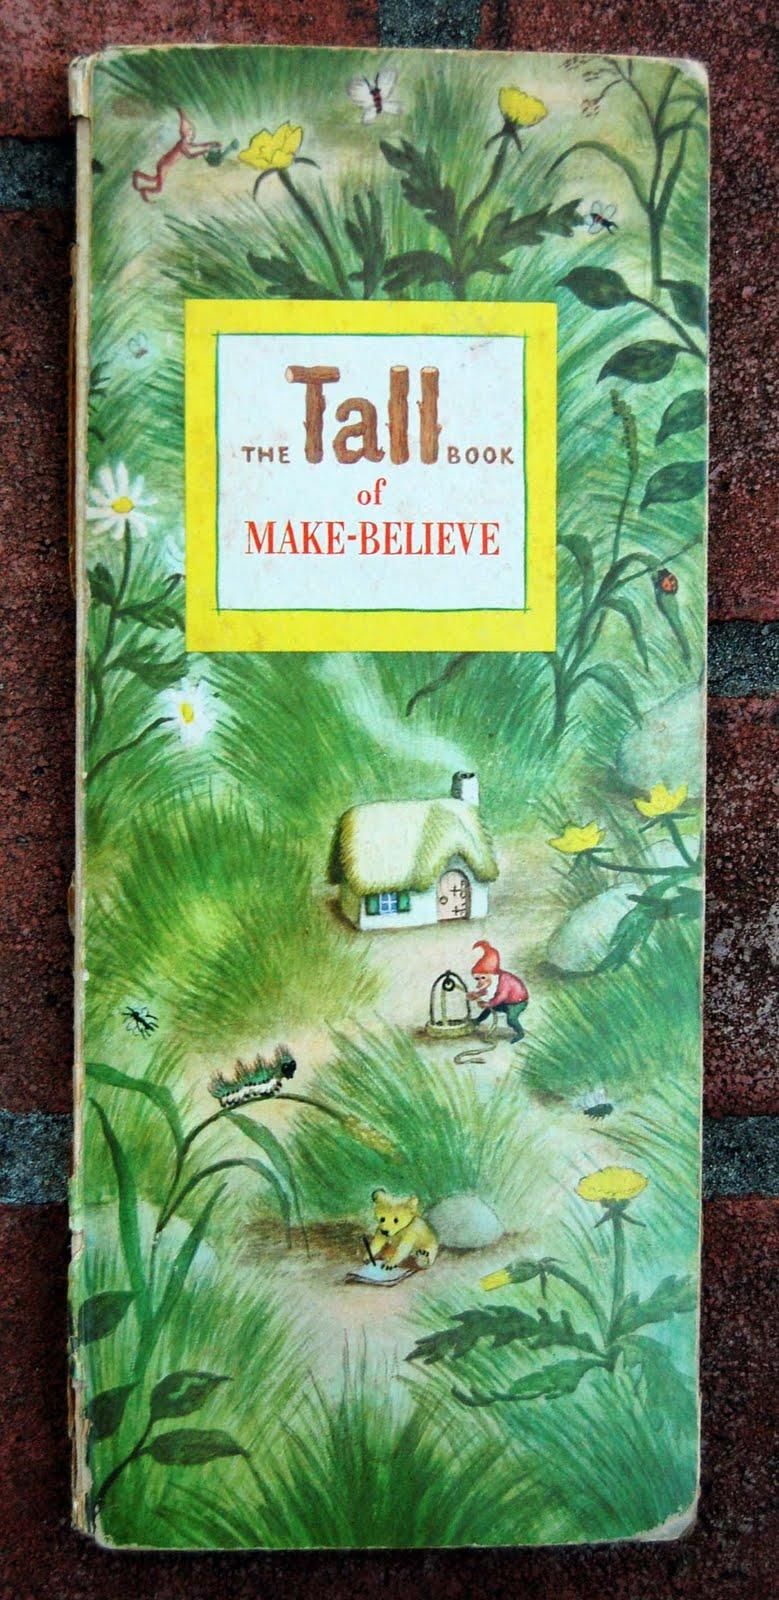 Aaa San Antonio >> Vintage Kids' Books My Kid Loves: The Tall Book of Make ...